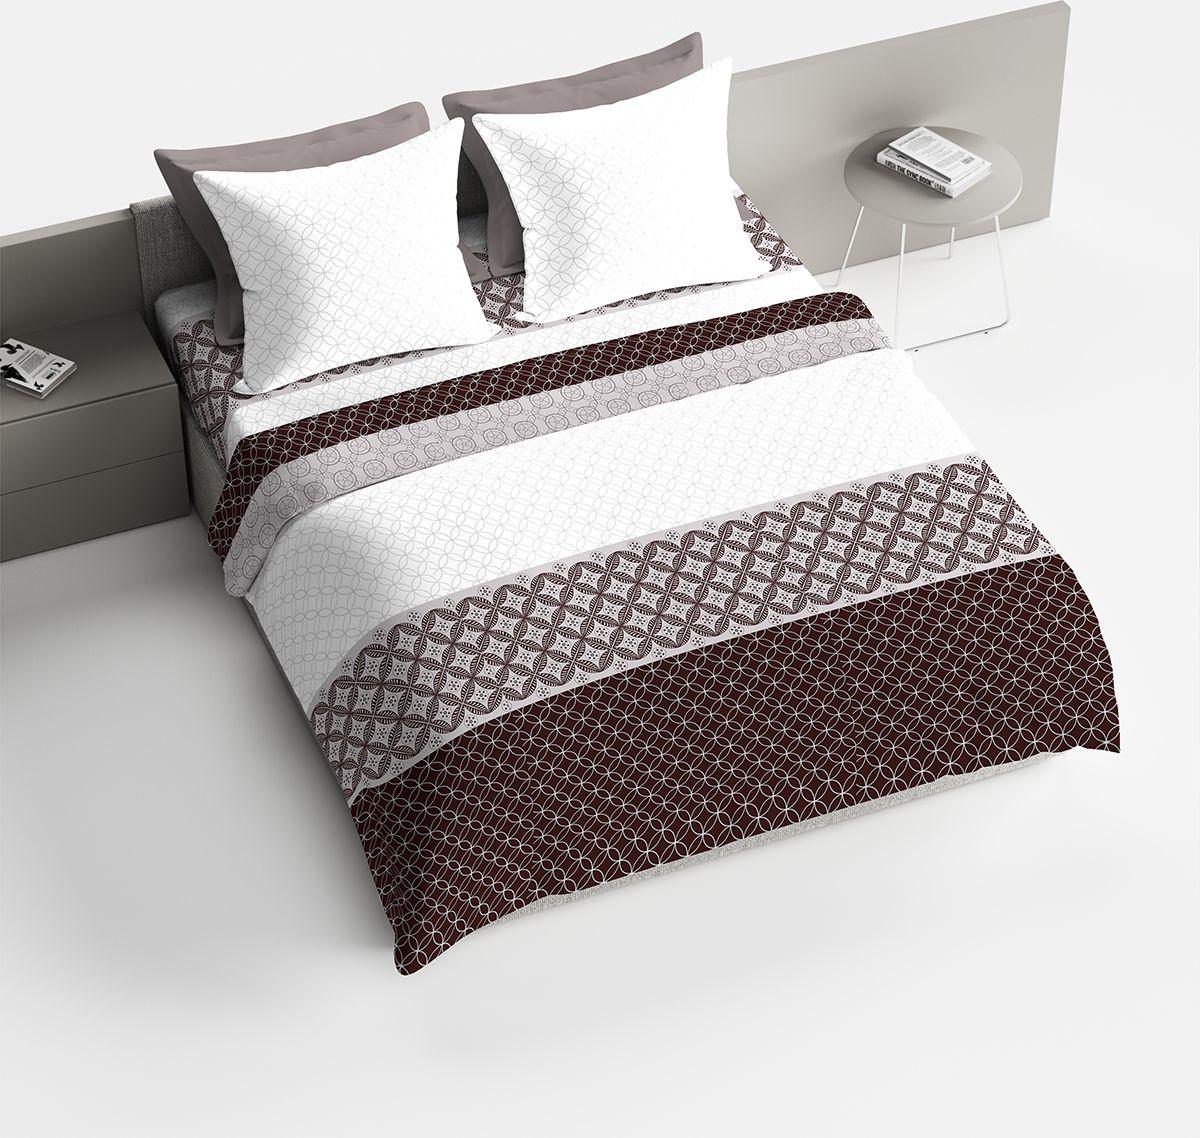 Комплект белья Браво Мокко, семейный, наволочки 70x70, цвет: коричневый. 4077-187749